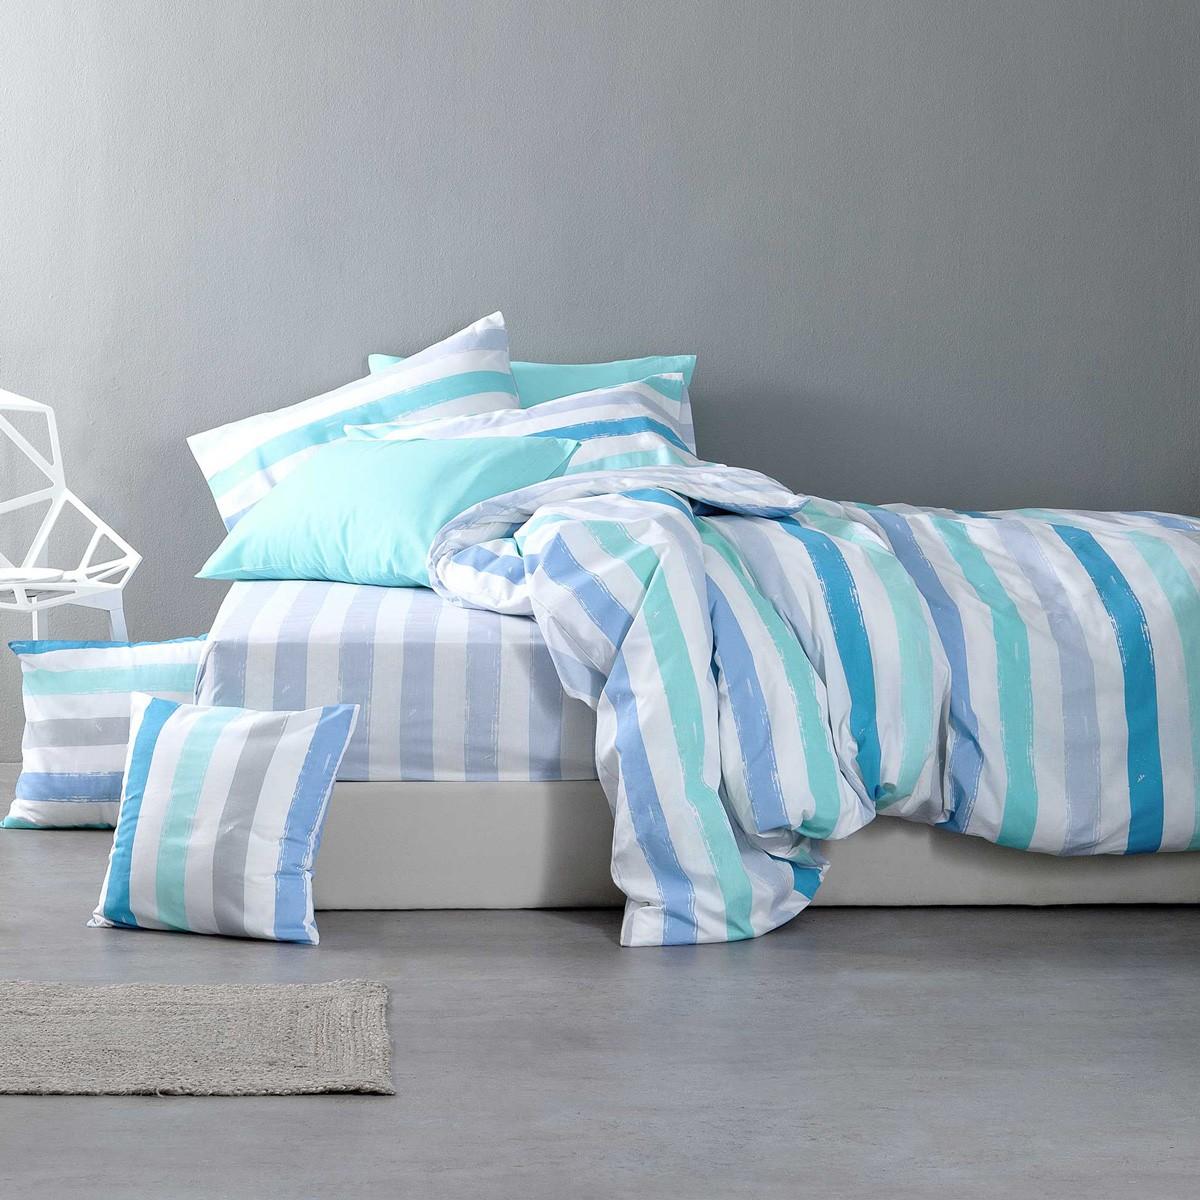 Σεντόνια Υπέρδιπλα (Σετ) Nima Bed Linen Cantieri Blue ΜΕ ΛΑΣΤΙΧΟ ΜΕ ΛΑΣΤΙΧΟ